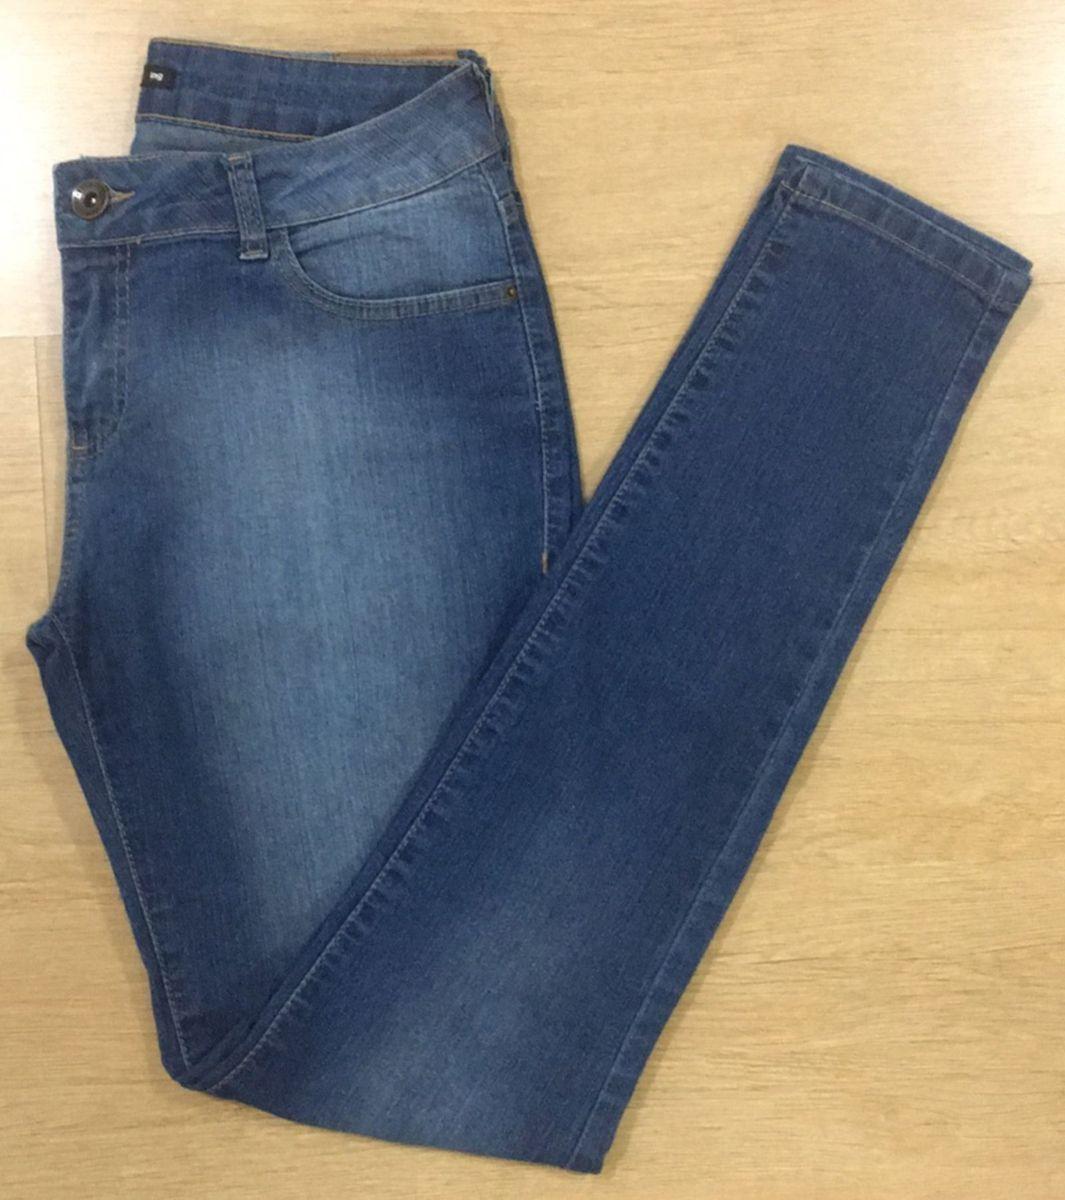 247195853 calça skinny tng 40 - calças tng.  Czm6ly9wag90b3muzw5qb2vplmnvbs5ici9wcm9kdwn0cy83njgwmtcvmmq5ywzhmdqyngiwyjm3odjhzjfhzdiwnjiyy2rimzquanbn  ...